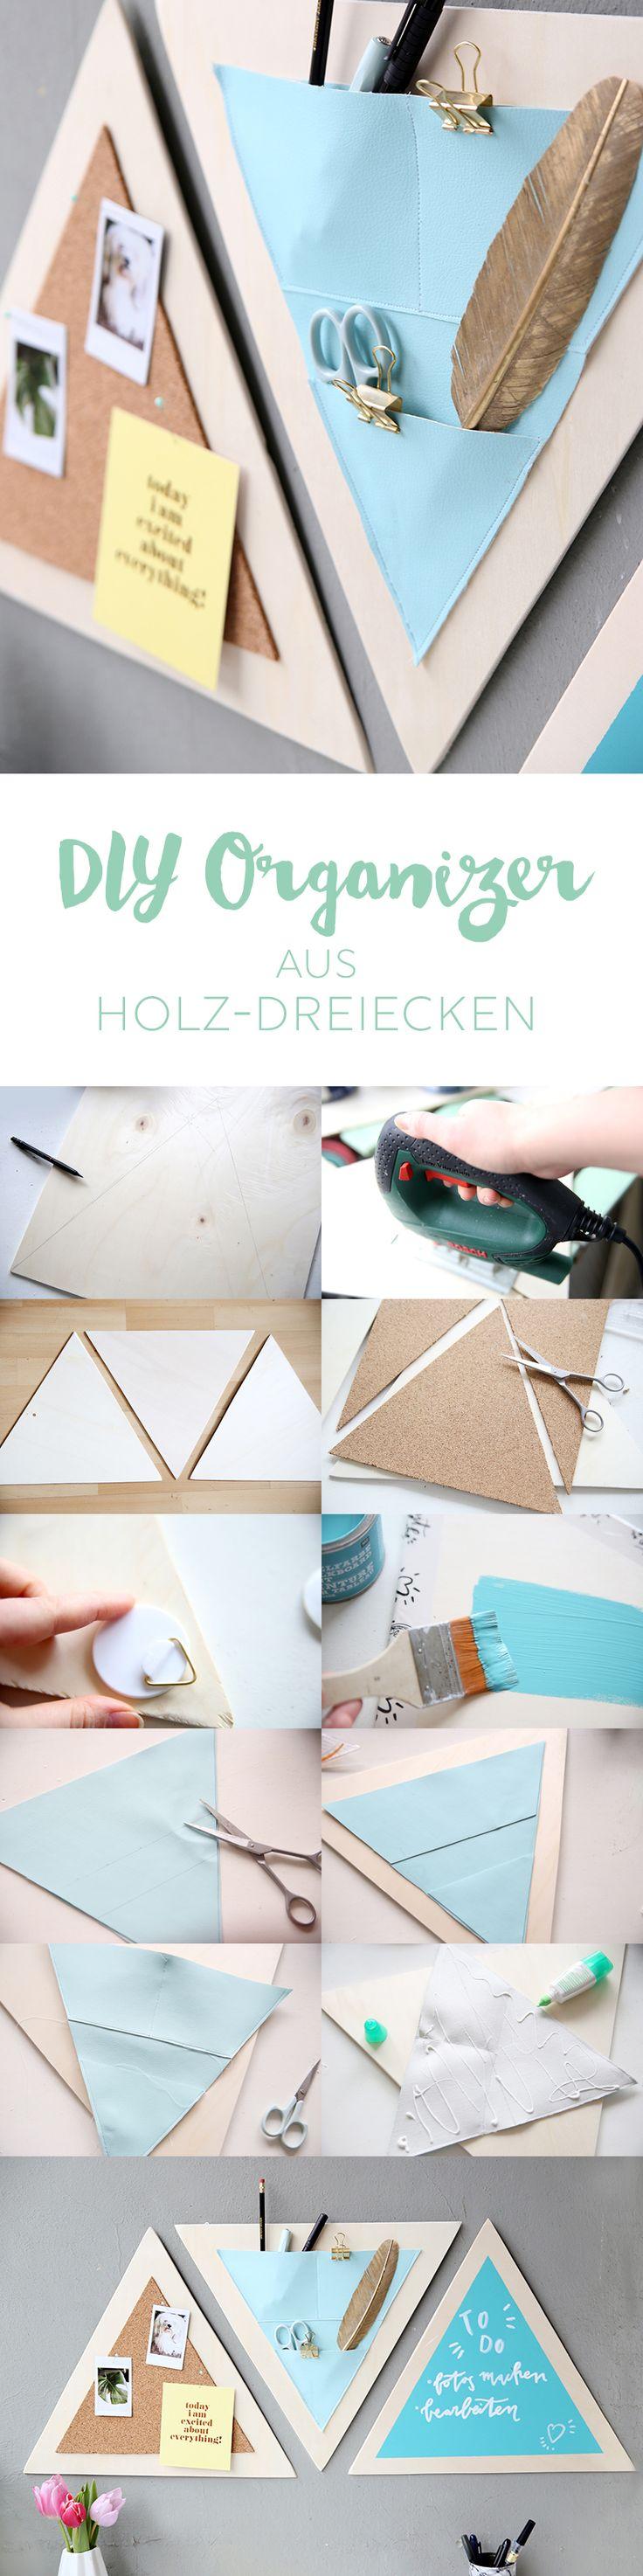 Kreative DIY-Idee: Selbstgemachter Organizer fürs Home Office aus Holz